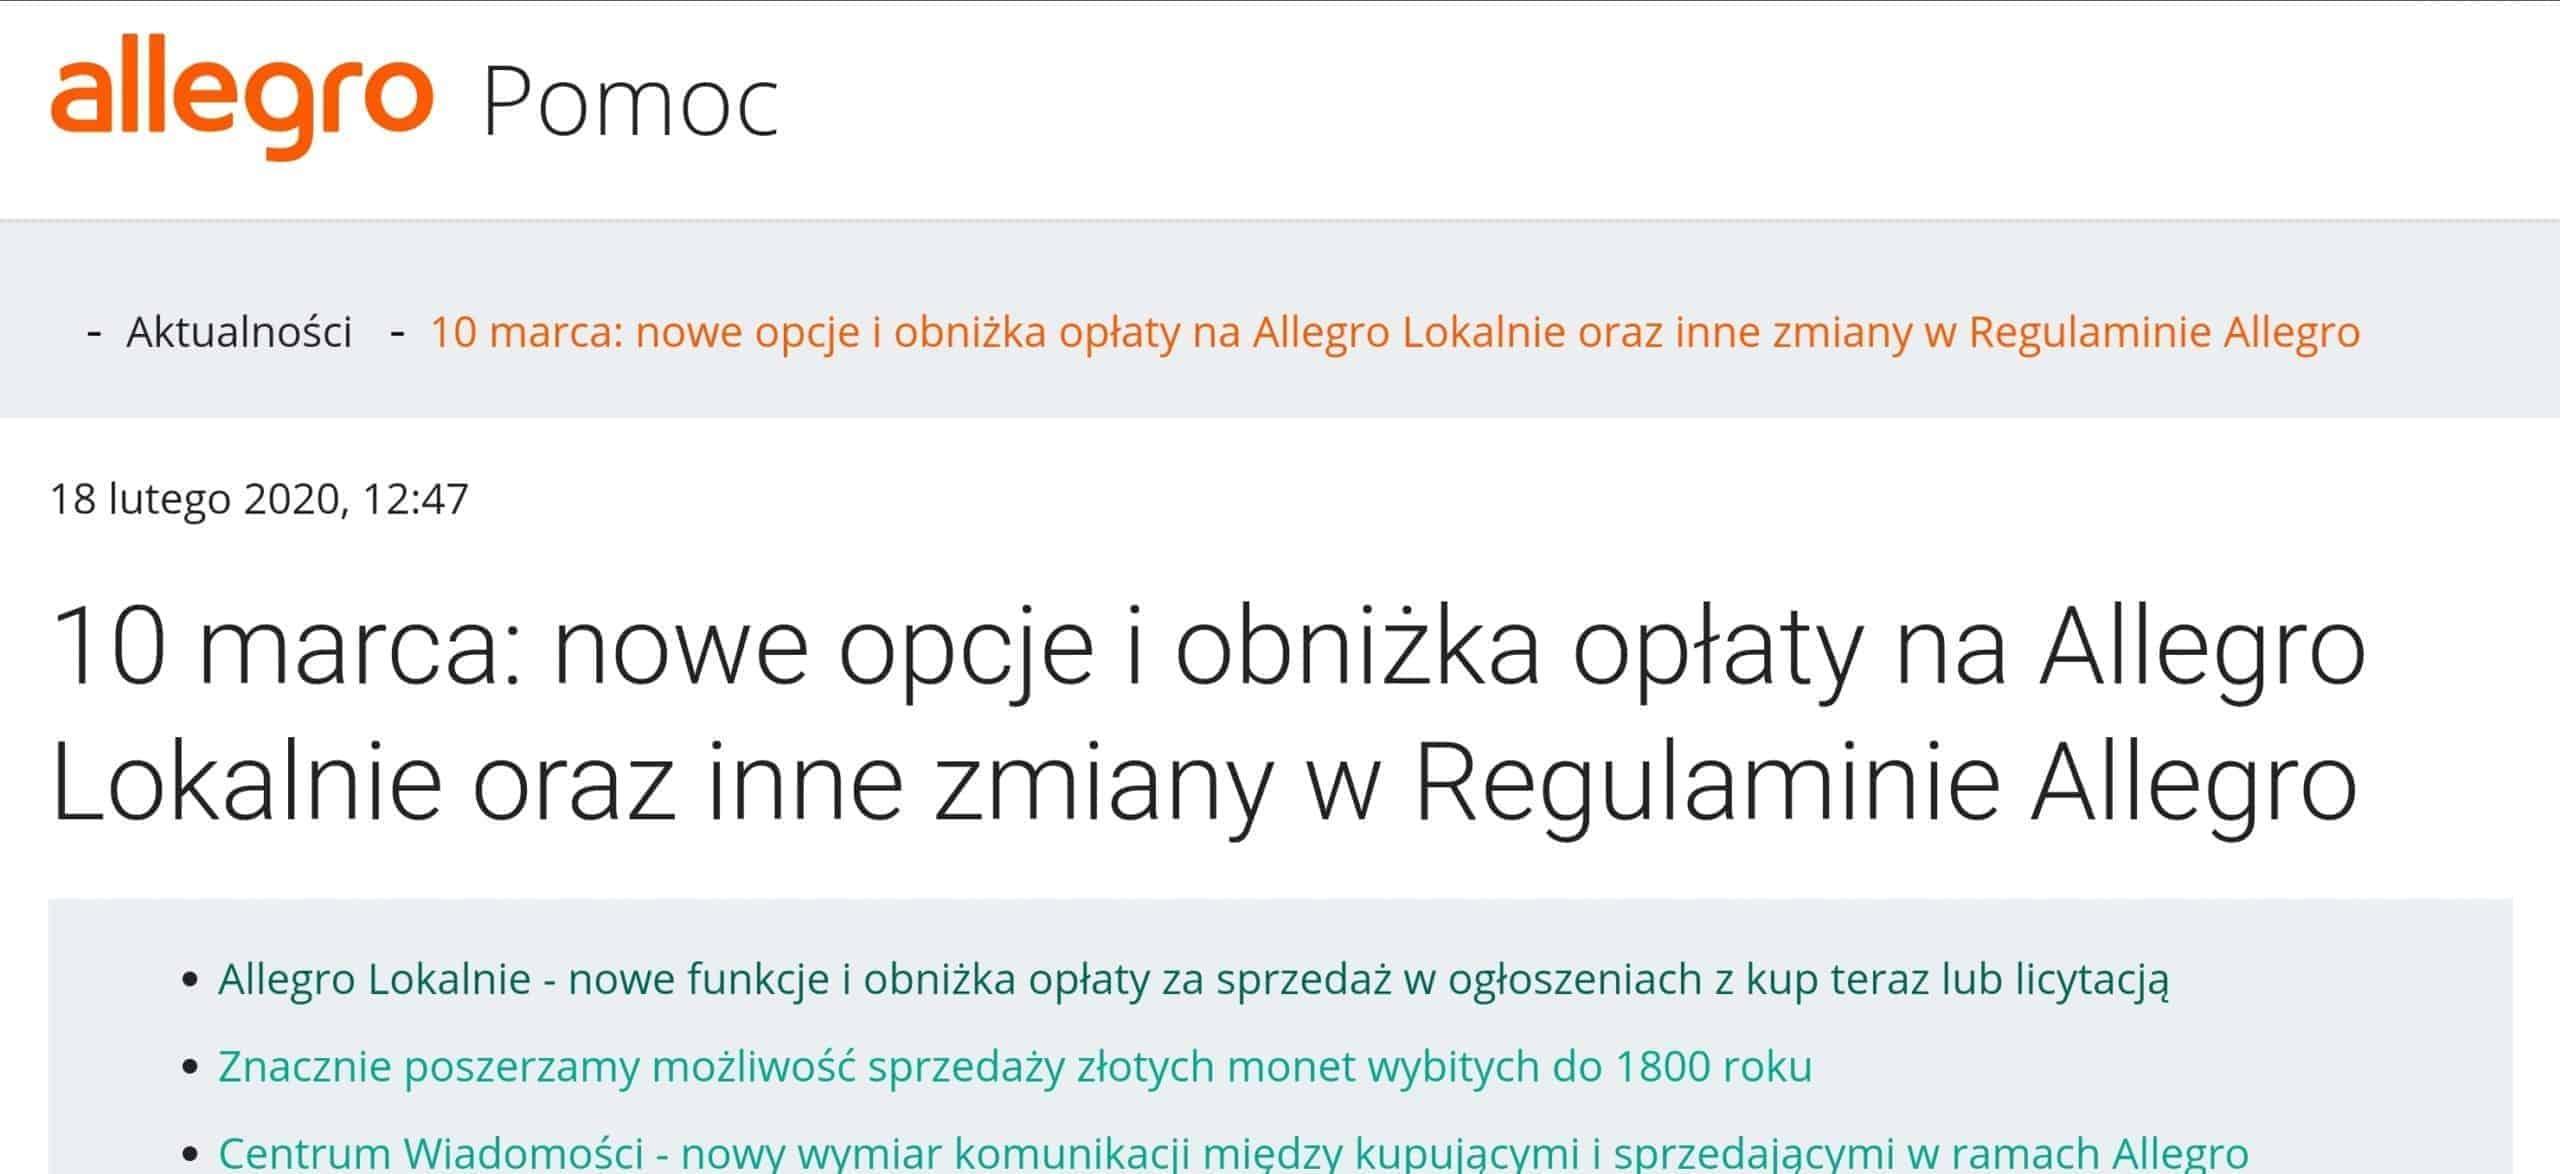 Allegro Nie Masz Firmy Nic Nie Sprzedasz A Nawet Gdyby Jakub Jaworowicz Wordpress Marketing Specialist